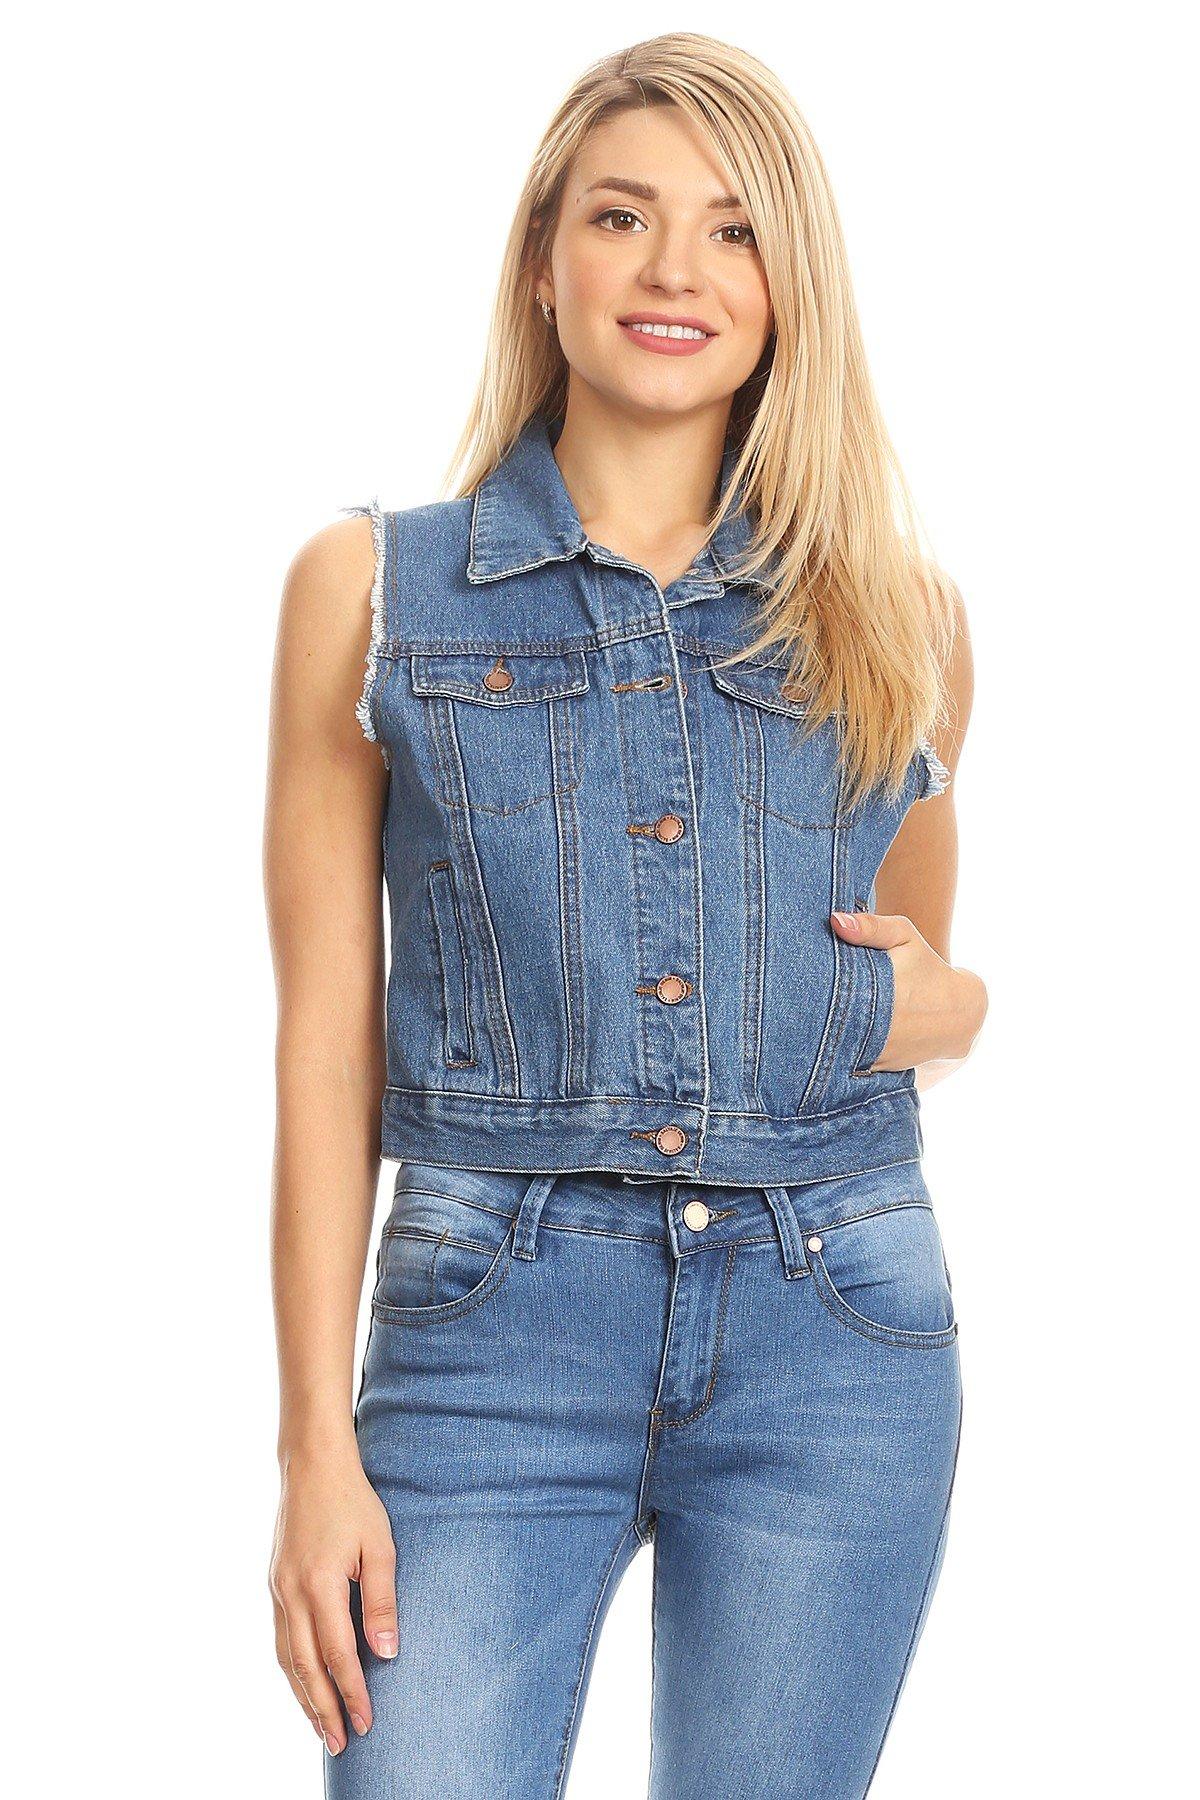 K's more Womans Juniors Buttoned Down Denim Vest w Front Pockets (Deep Blue Sea, S)